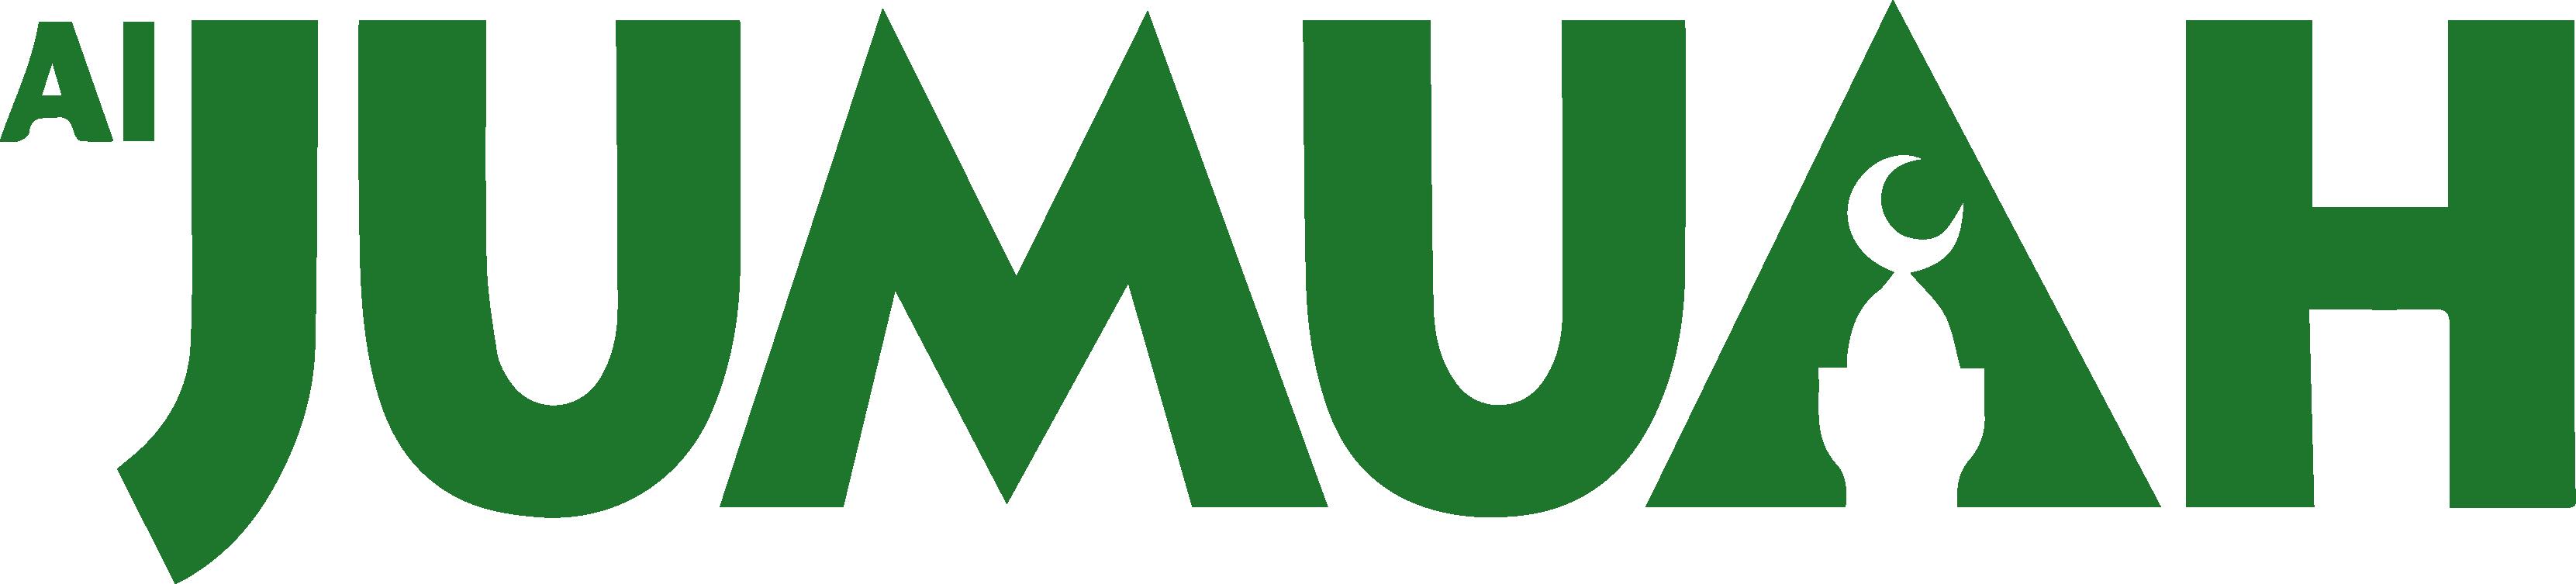 Al Jumuah Membership